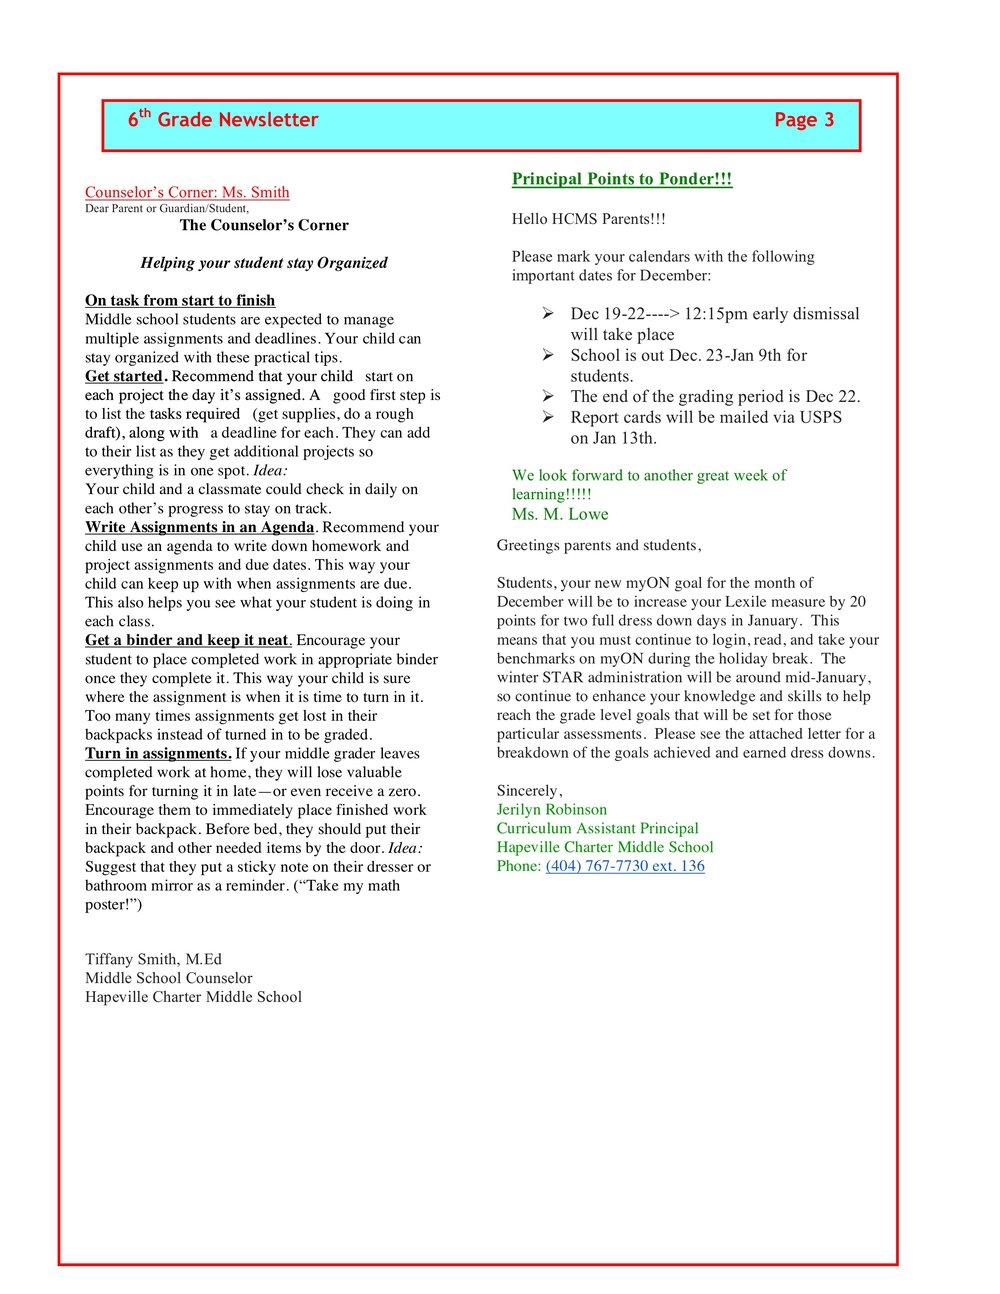 Newsletter Image6th Grade Newsletter 12.5.2016 3.jpeg